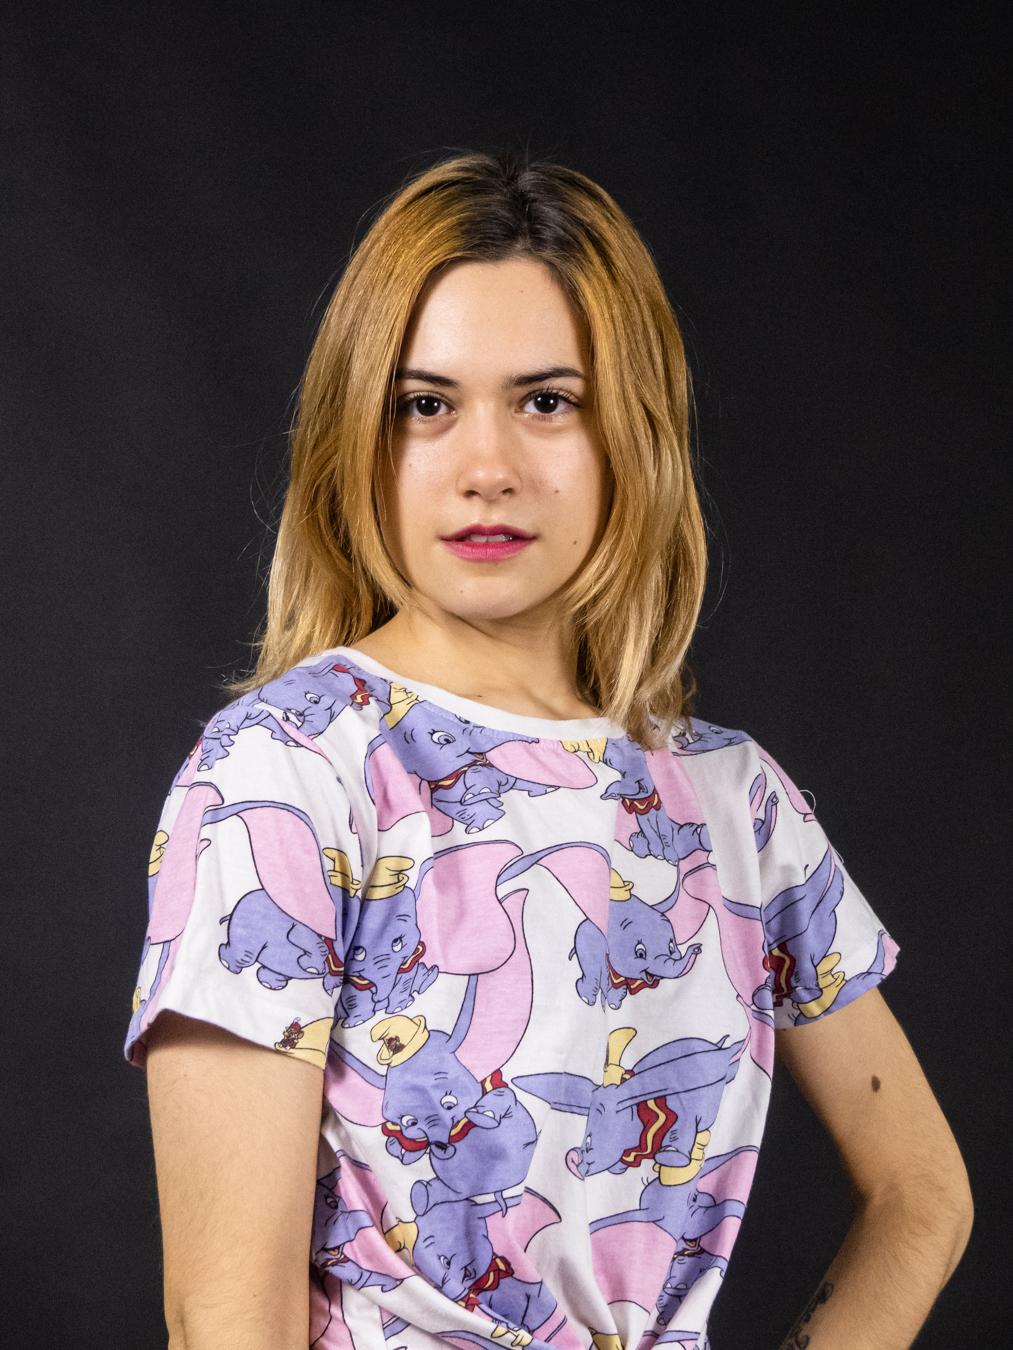 MARIA GOMEZ ARTM25